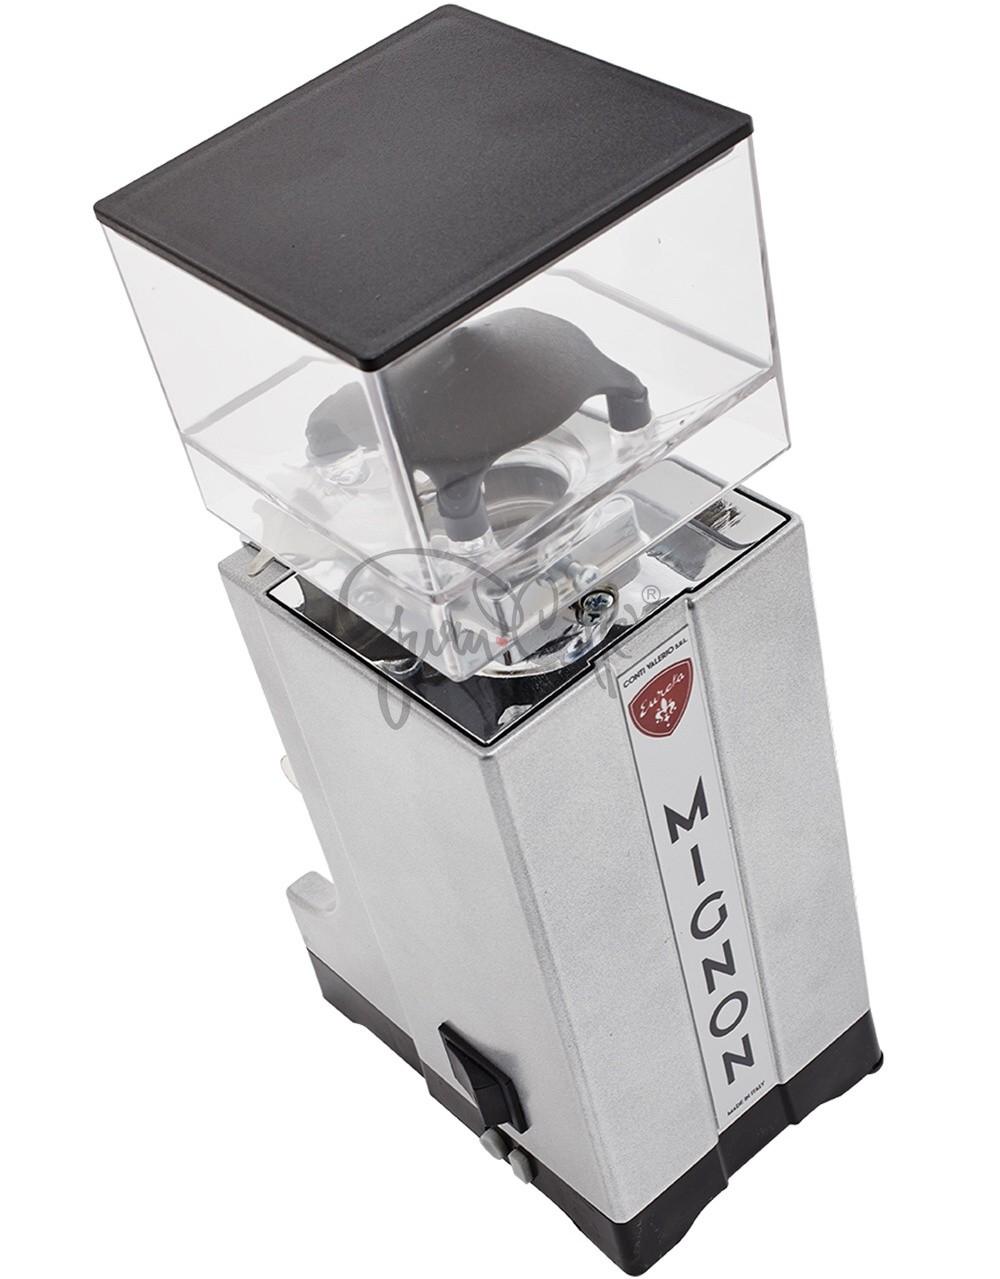 EUREKA Mignon Instantaneo - profesionální přímý mlýnek na kávu - barva Uhlová Antracite, verze manuál bez časovače